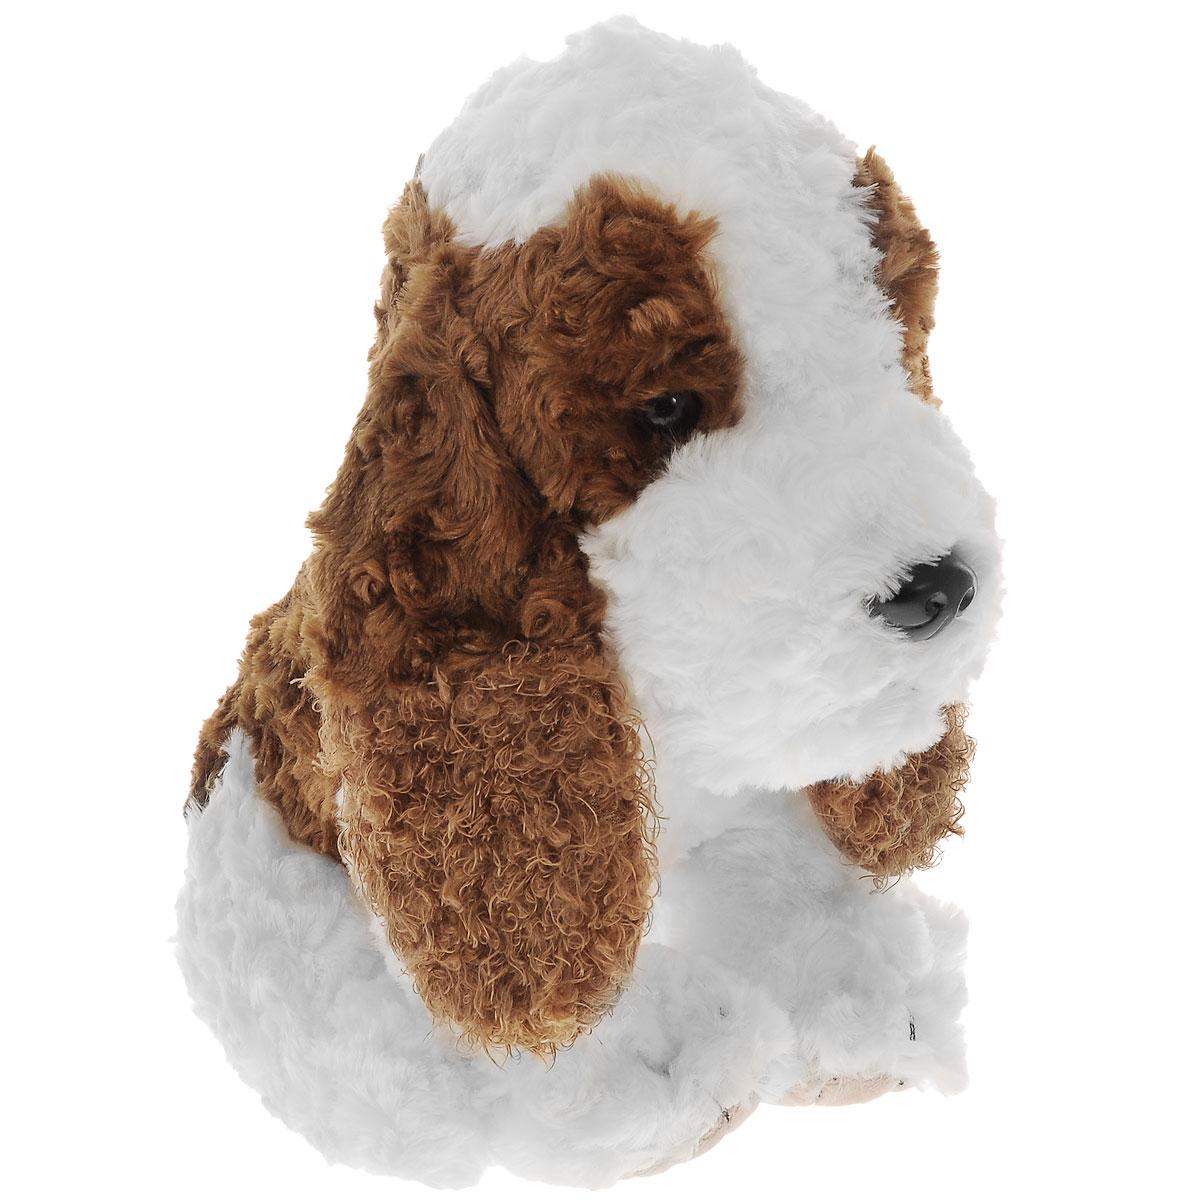 Plush Apple Мягкая игрушка Собака, 22 смK61557HМягкая игрушка Plush Apple Собака выполнена из качественных материалов, абсолютно безвредных для ребенка. Игрушка в виде милой собачки станет верным другом для малыша. У нее пушистая шерстка, глаза и нос из пластика, а на шее красивый ошейник красного цвета. Авторский дизайн и отличное качество исполнения делают игрушку чудесным подарком к любому празднику. Мягкая игрушка способствует развитию воображения и тактильной чувствительности у детей.